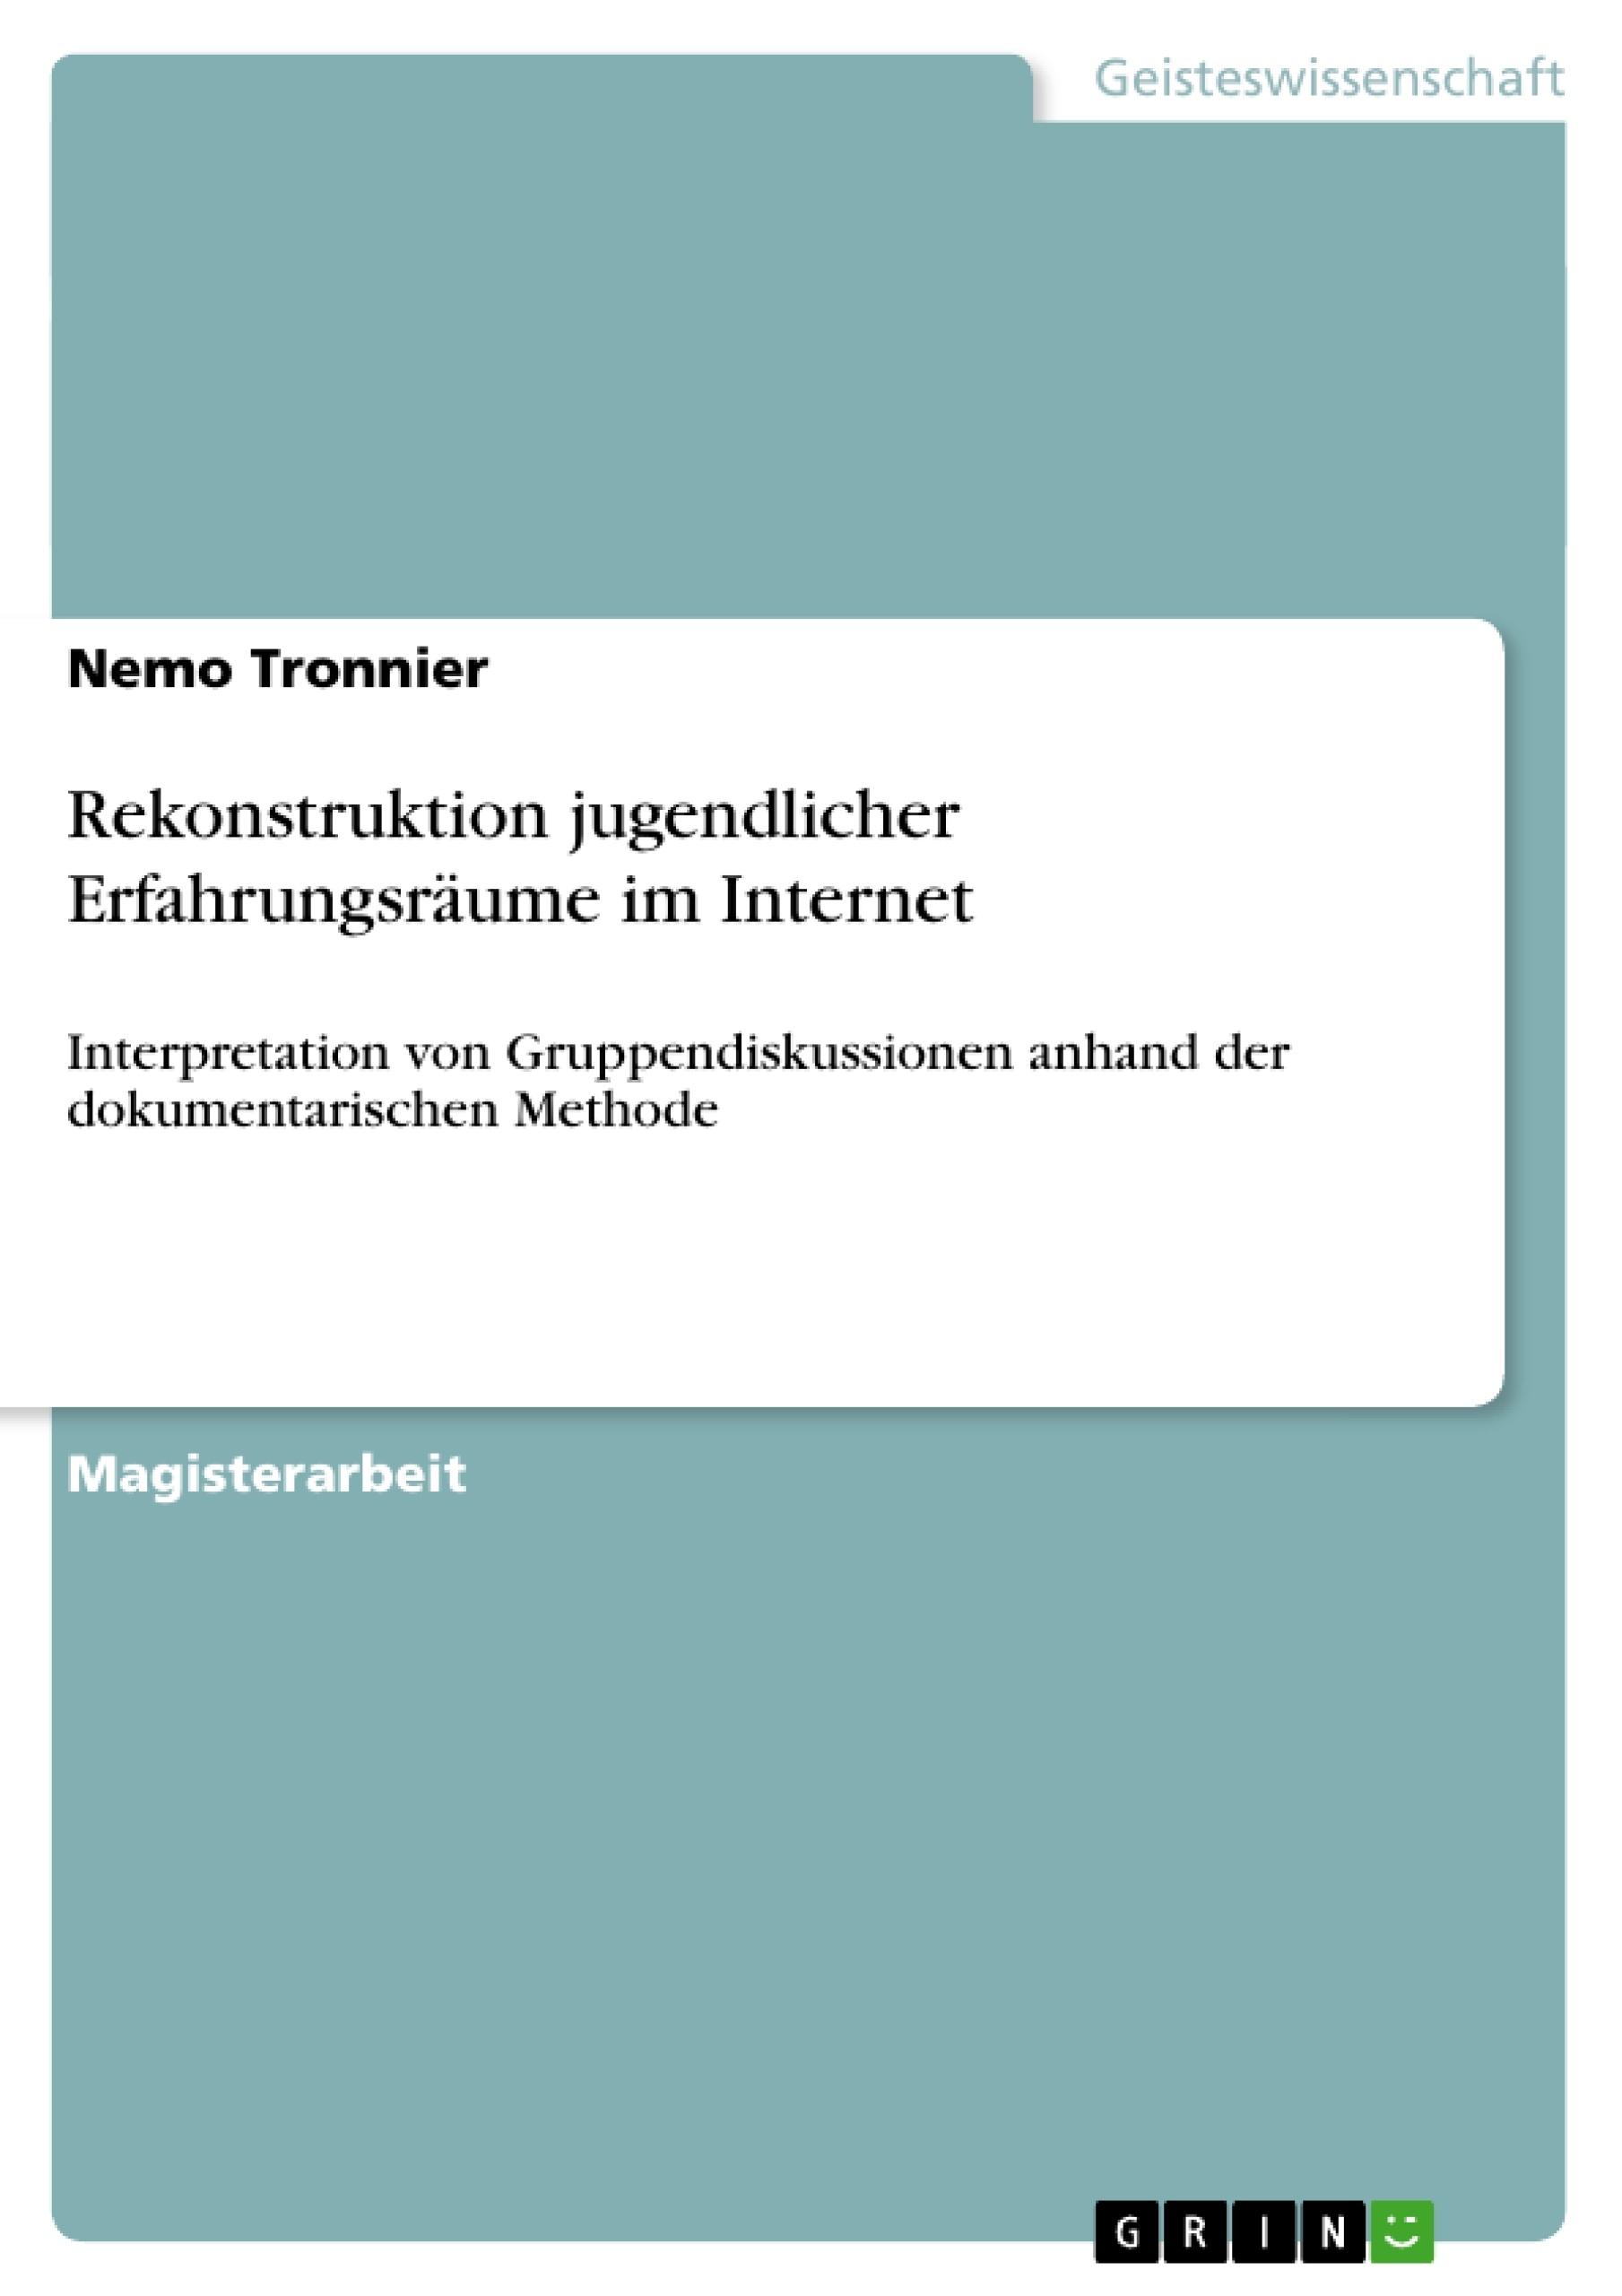 Titel: Rekonstruktion jugendlicher Erfahrungsräume im Internet